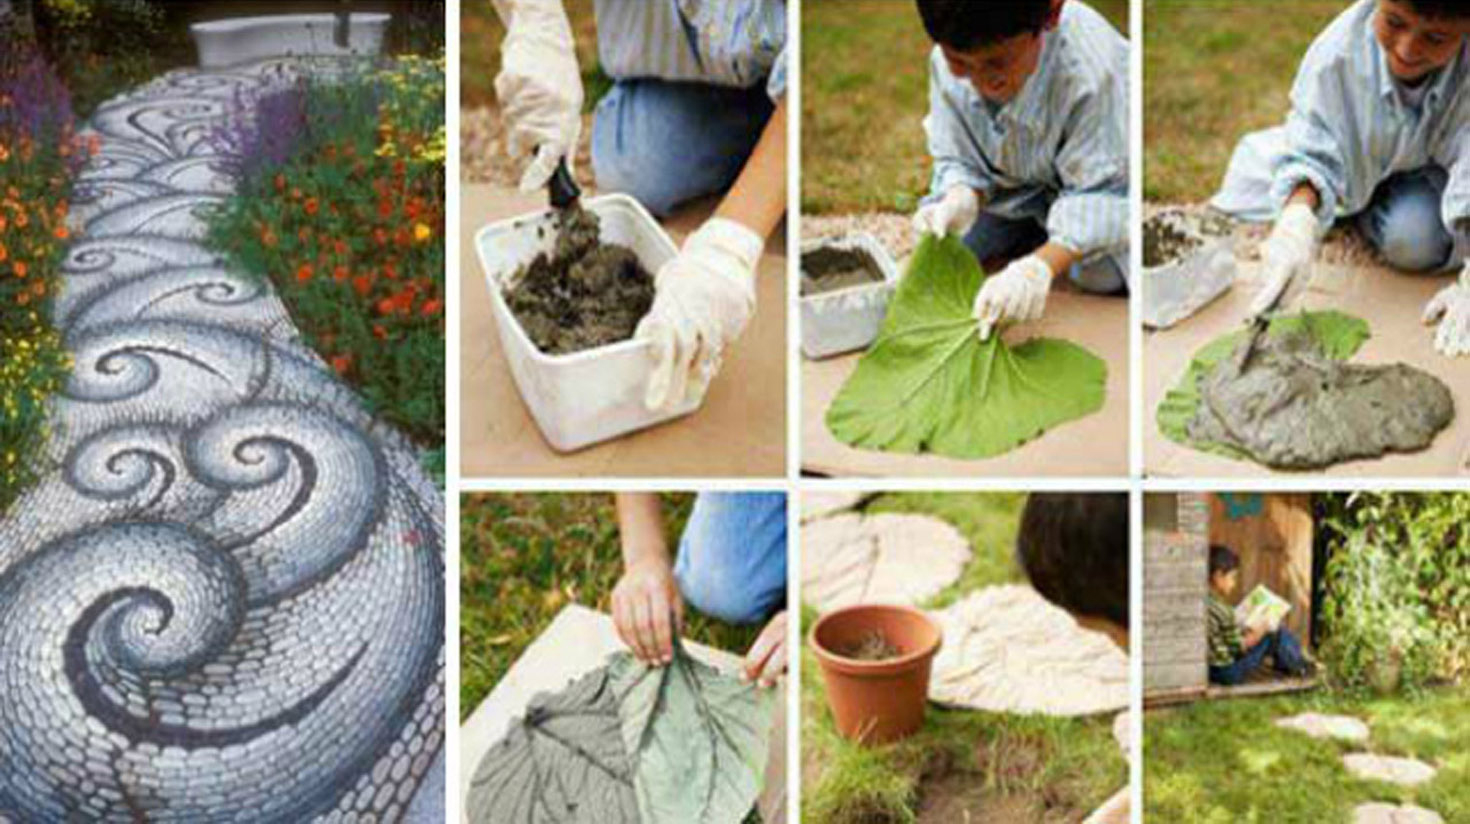 12 Idées Pour Aménager Vos Allées De Jardin ! | Diy Seloger intérieur Modele De Jardin Avec Galets